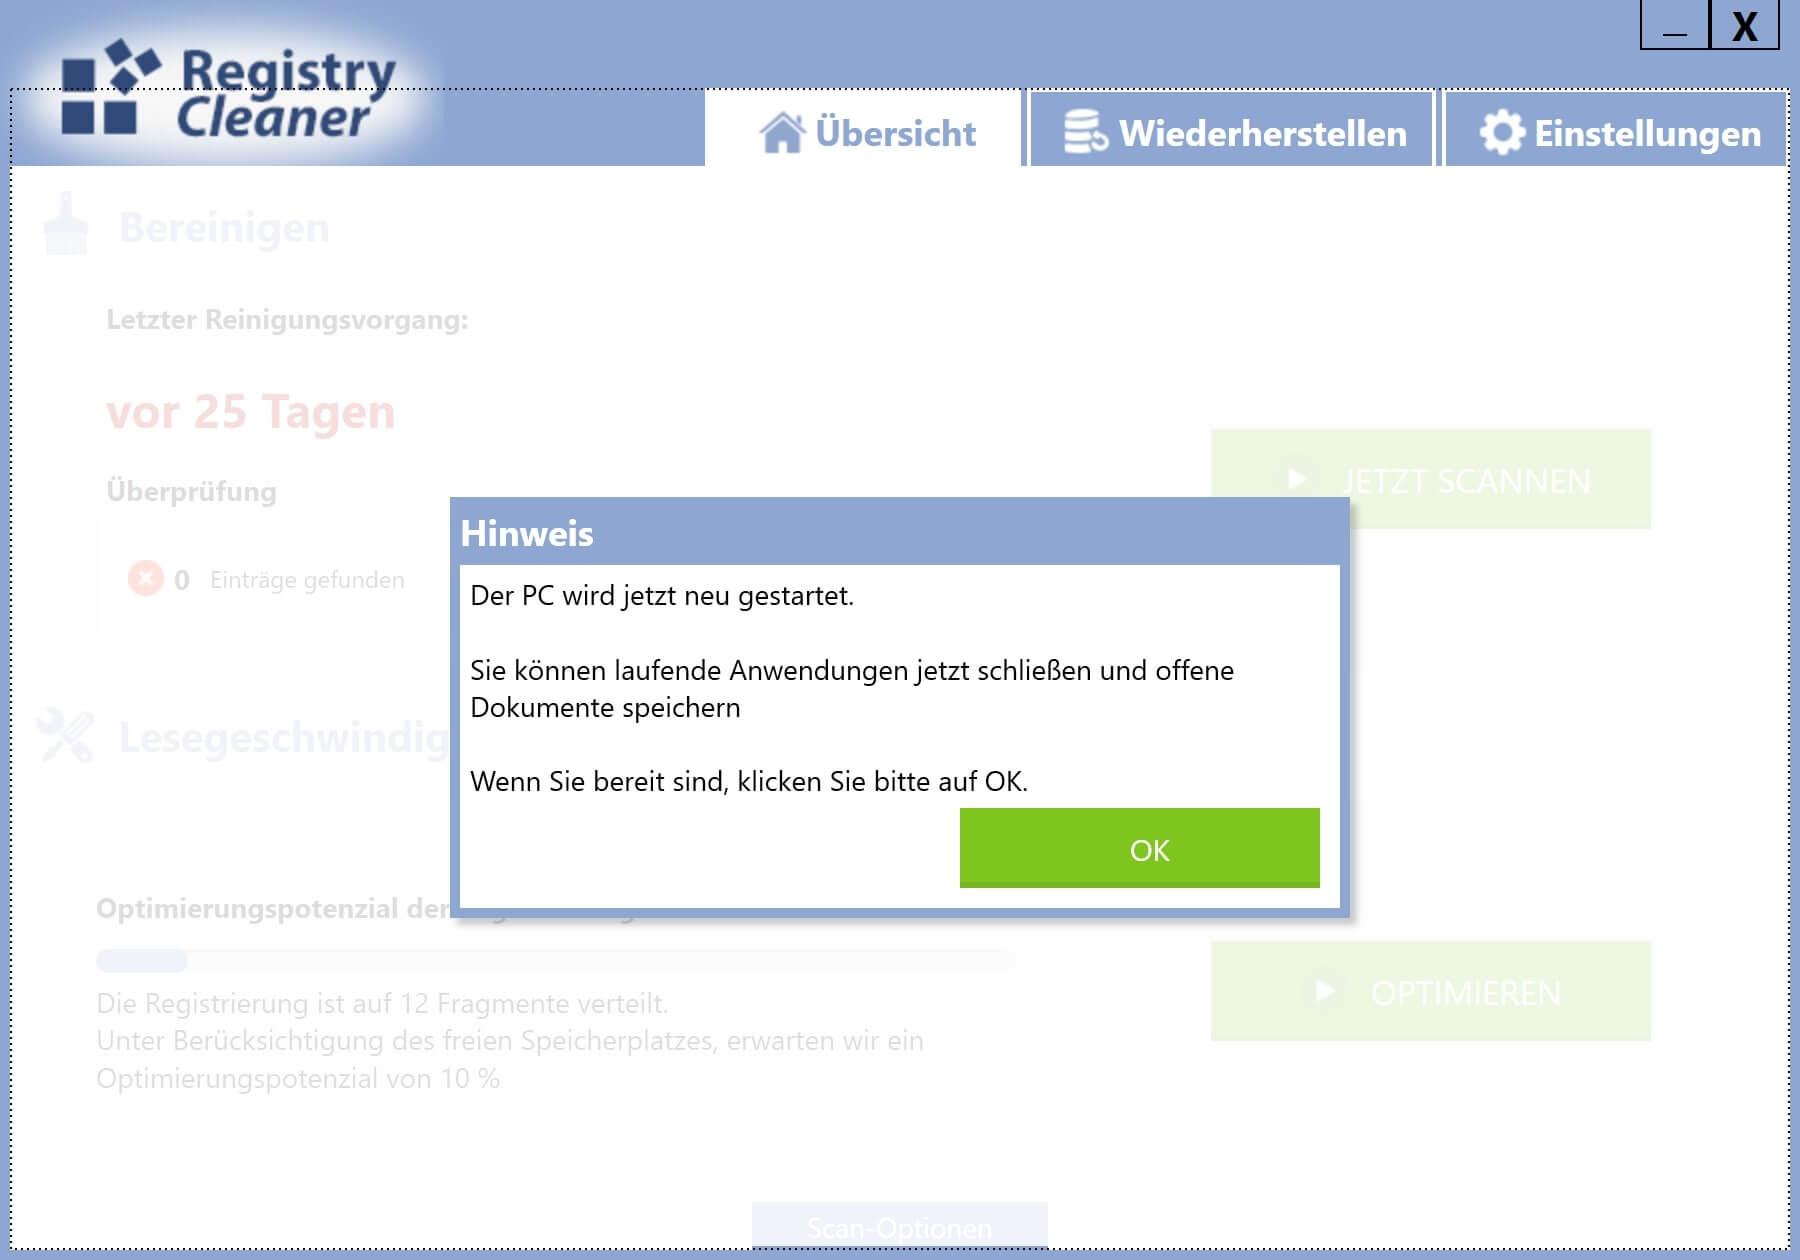 Registry defragmentieren - Defragmentierung erfolgreich